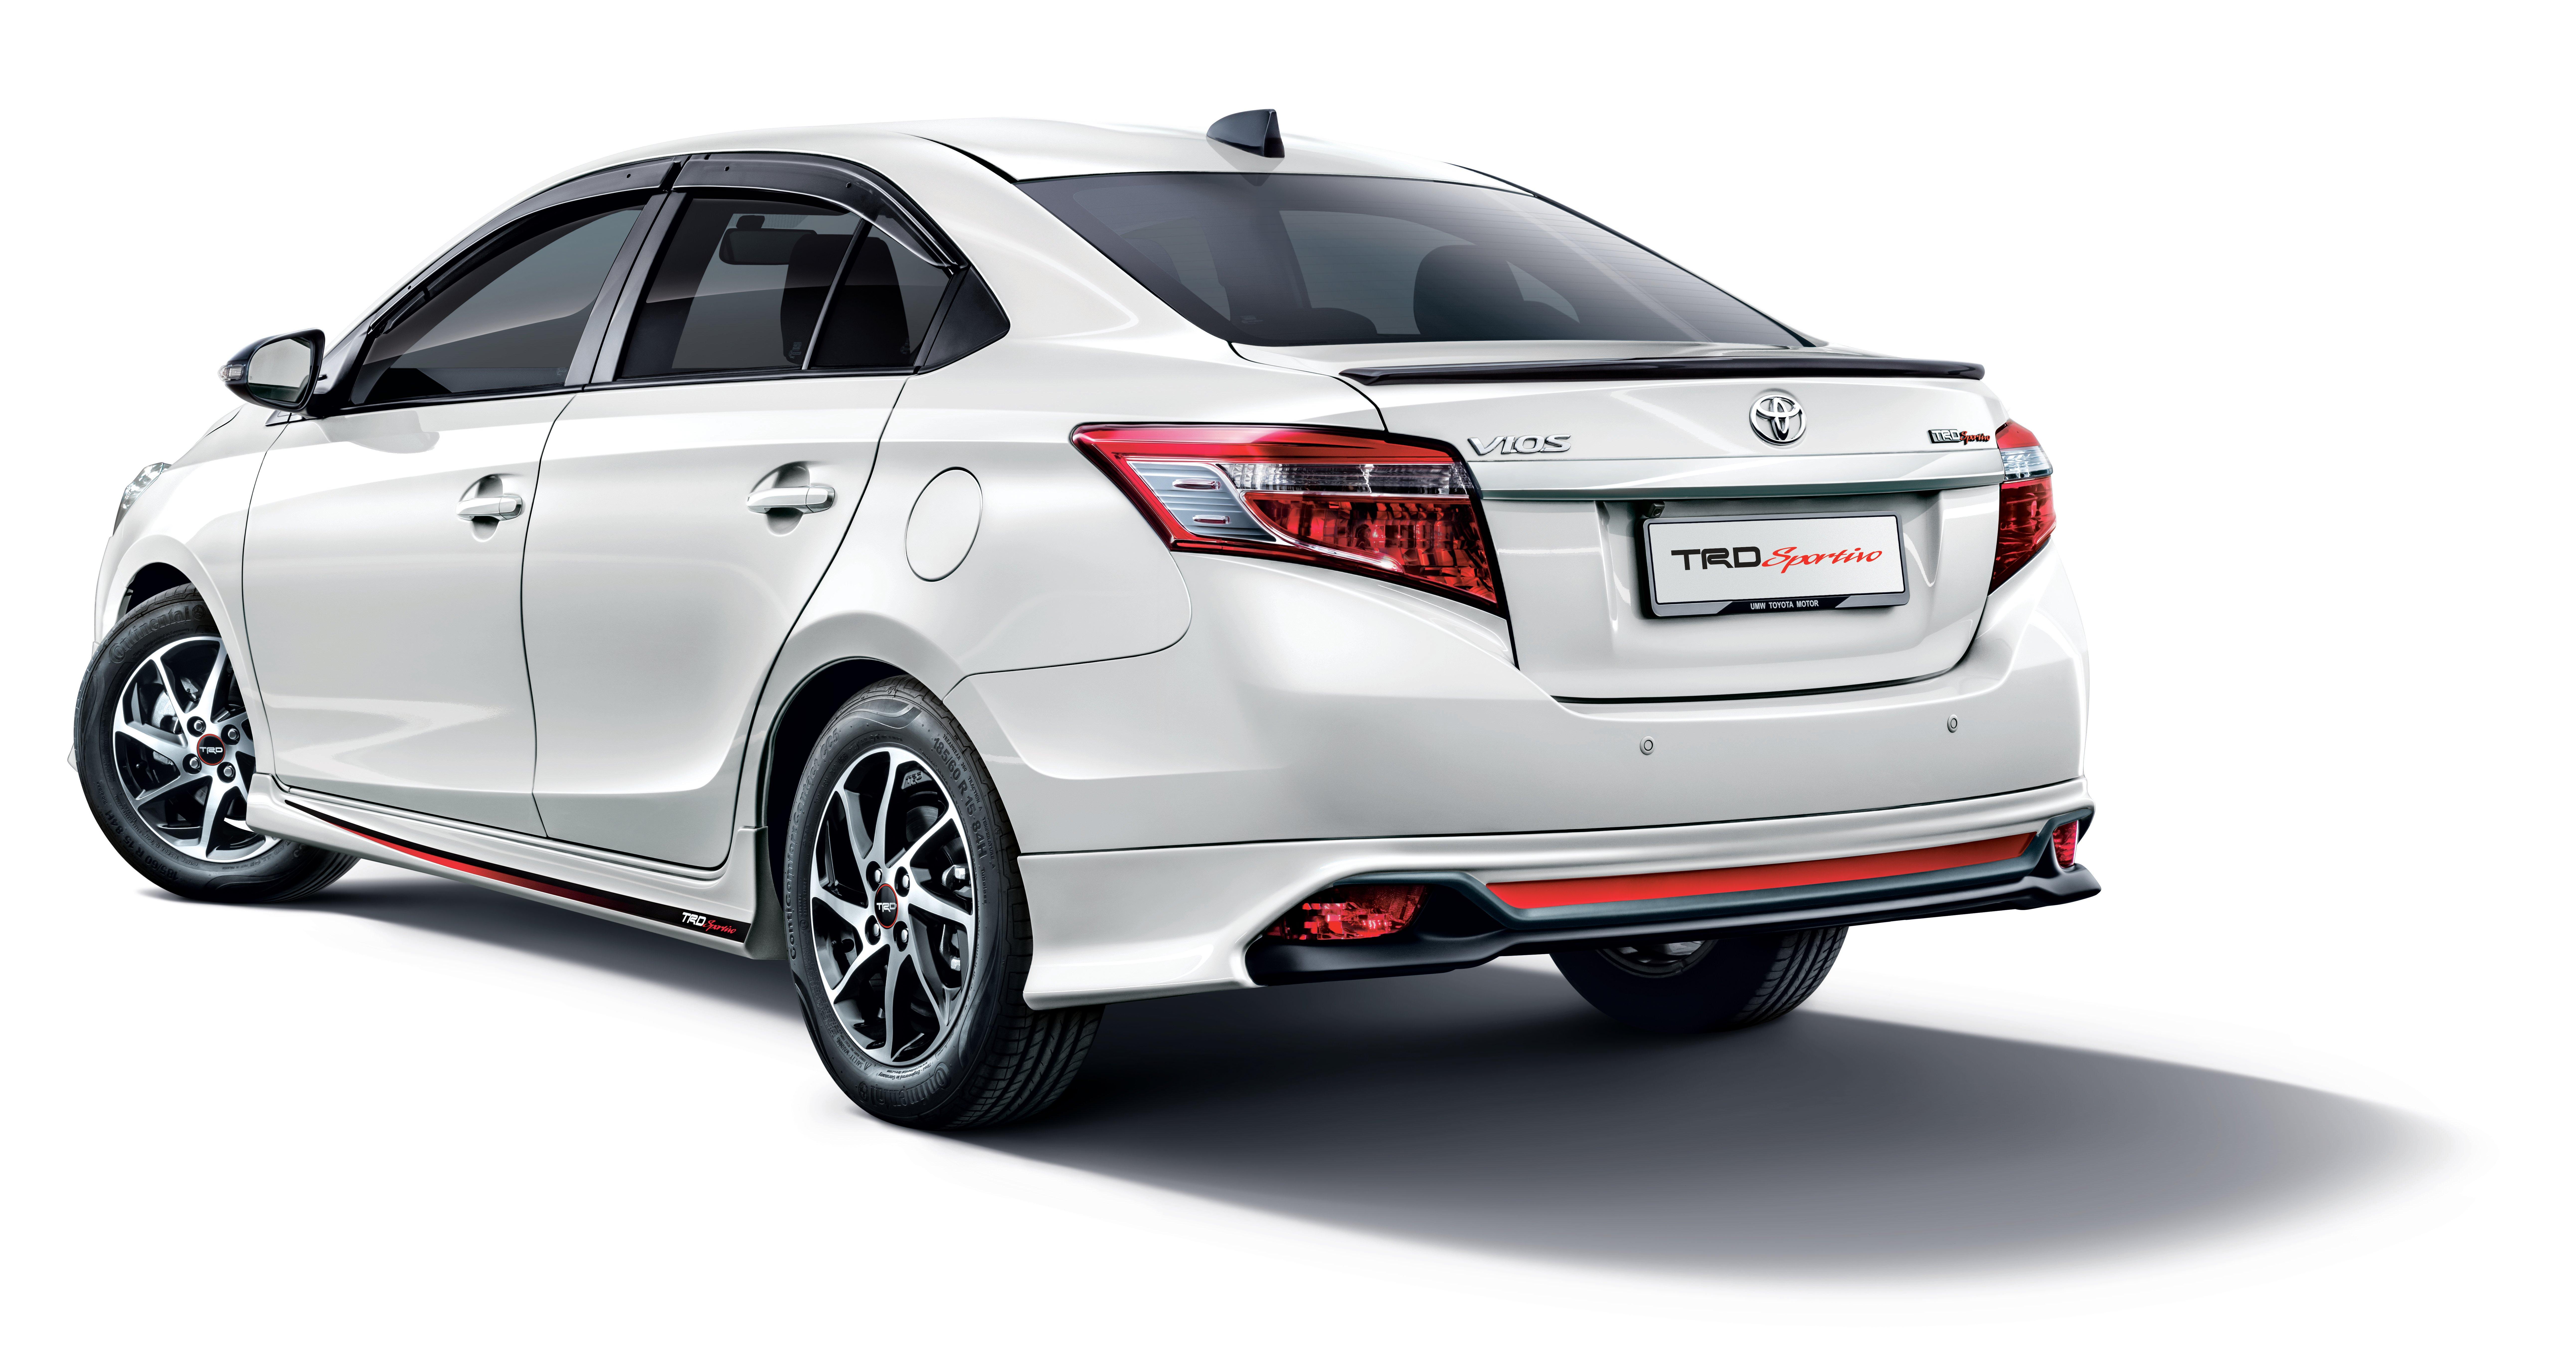 Toyota Vios dipertingkat untuk 2018 – rekaan bodykit baru, dibuka untuk tempahan, harga dari RM74,980 Image #756667